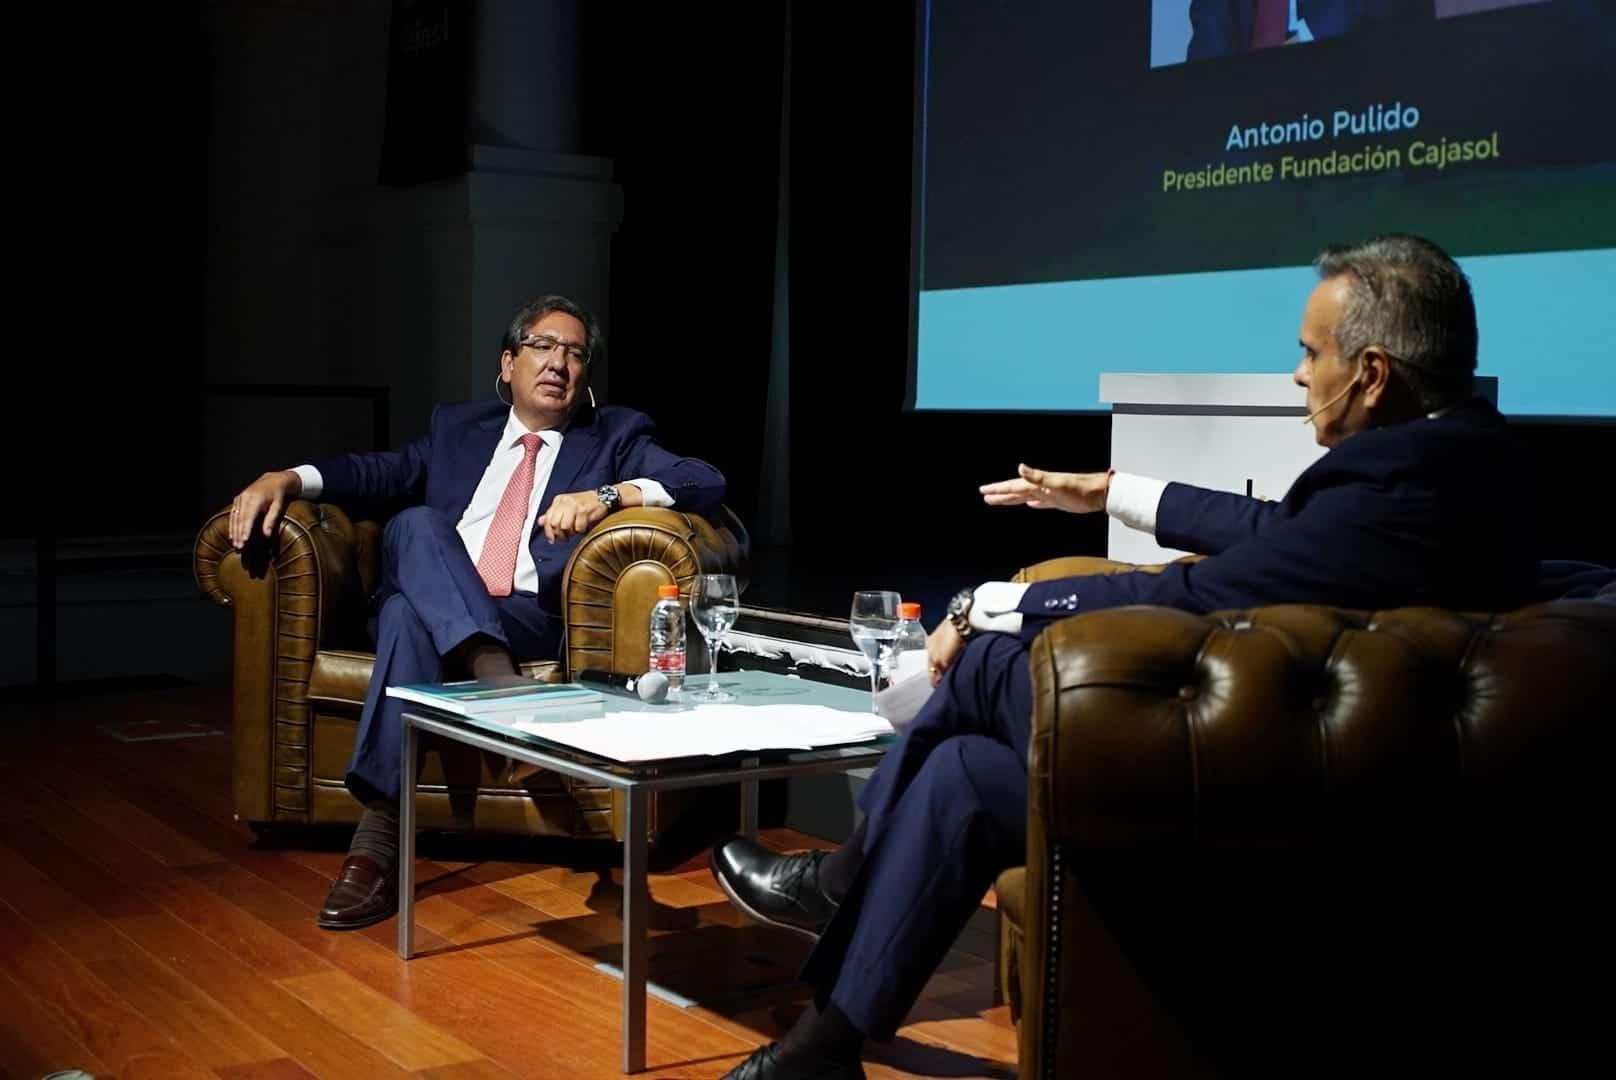 Antonio Pulido, en conversación con Cristobal Cervantes durante la presentación de la Memoria 2019 de la Fundación Cajasol